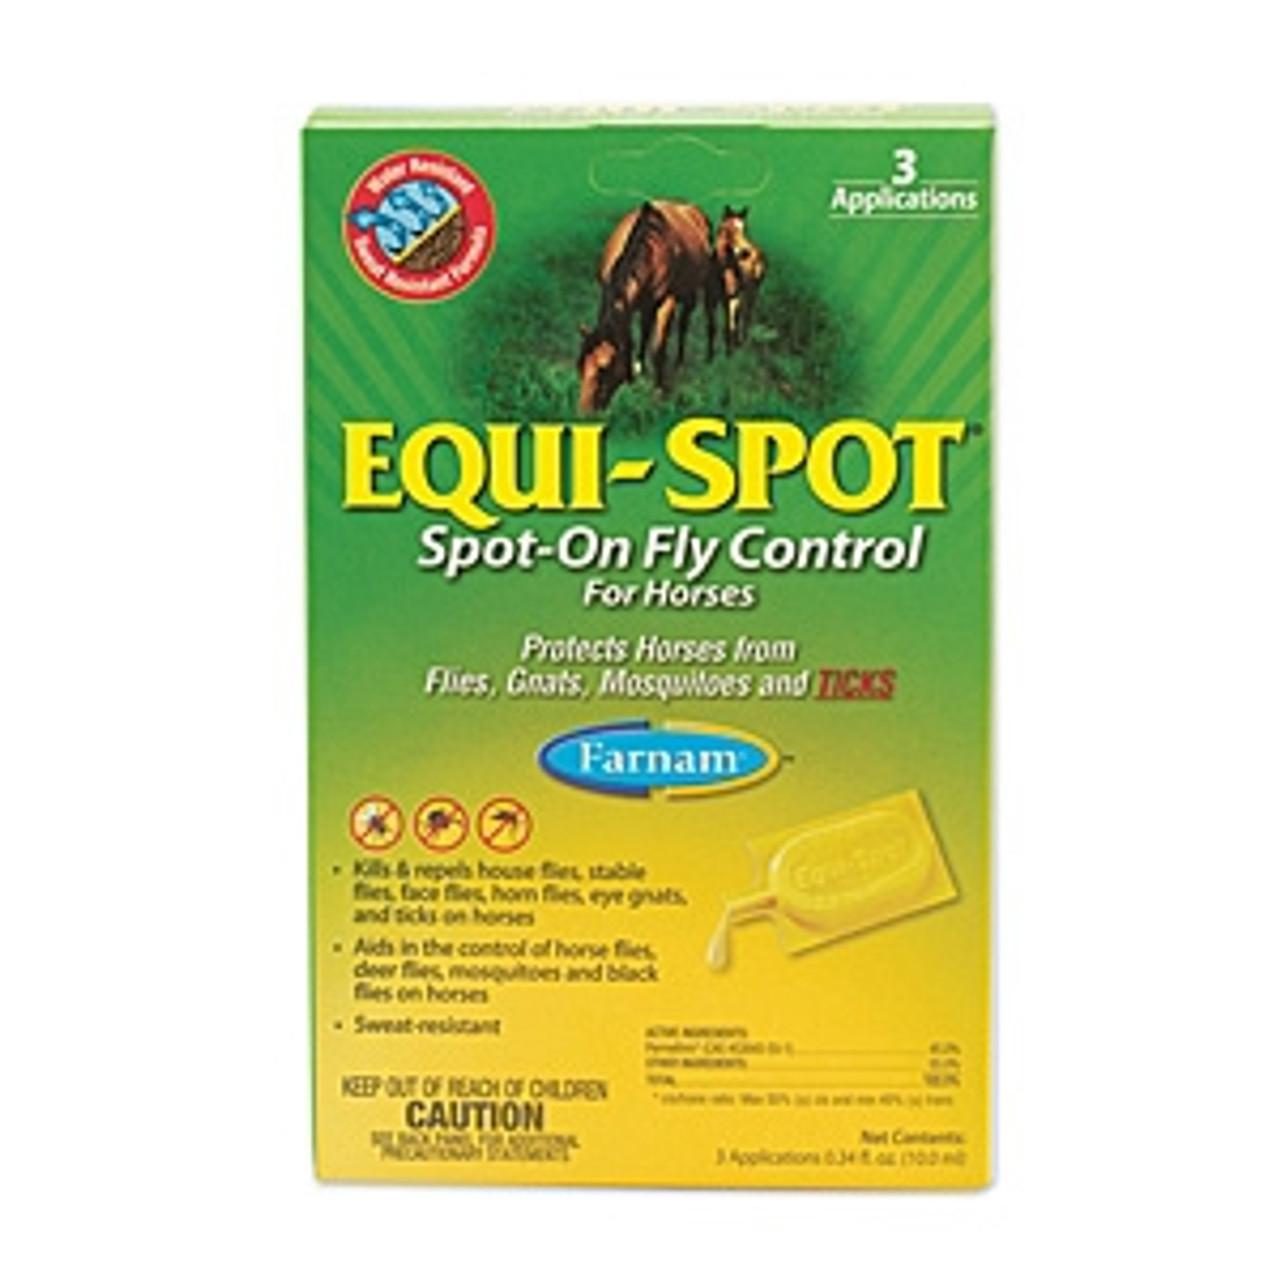 Equi-Spot